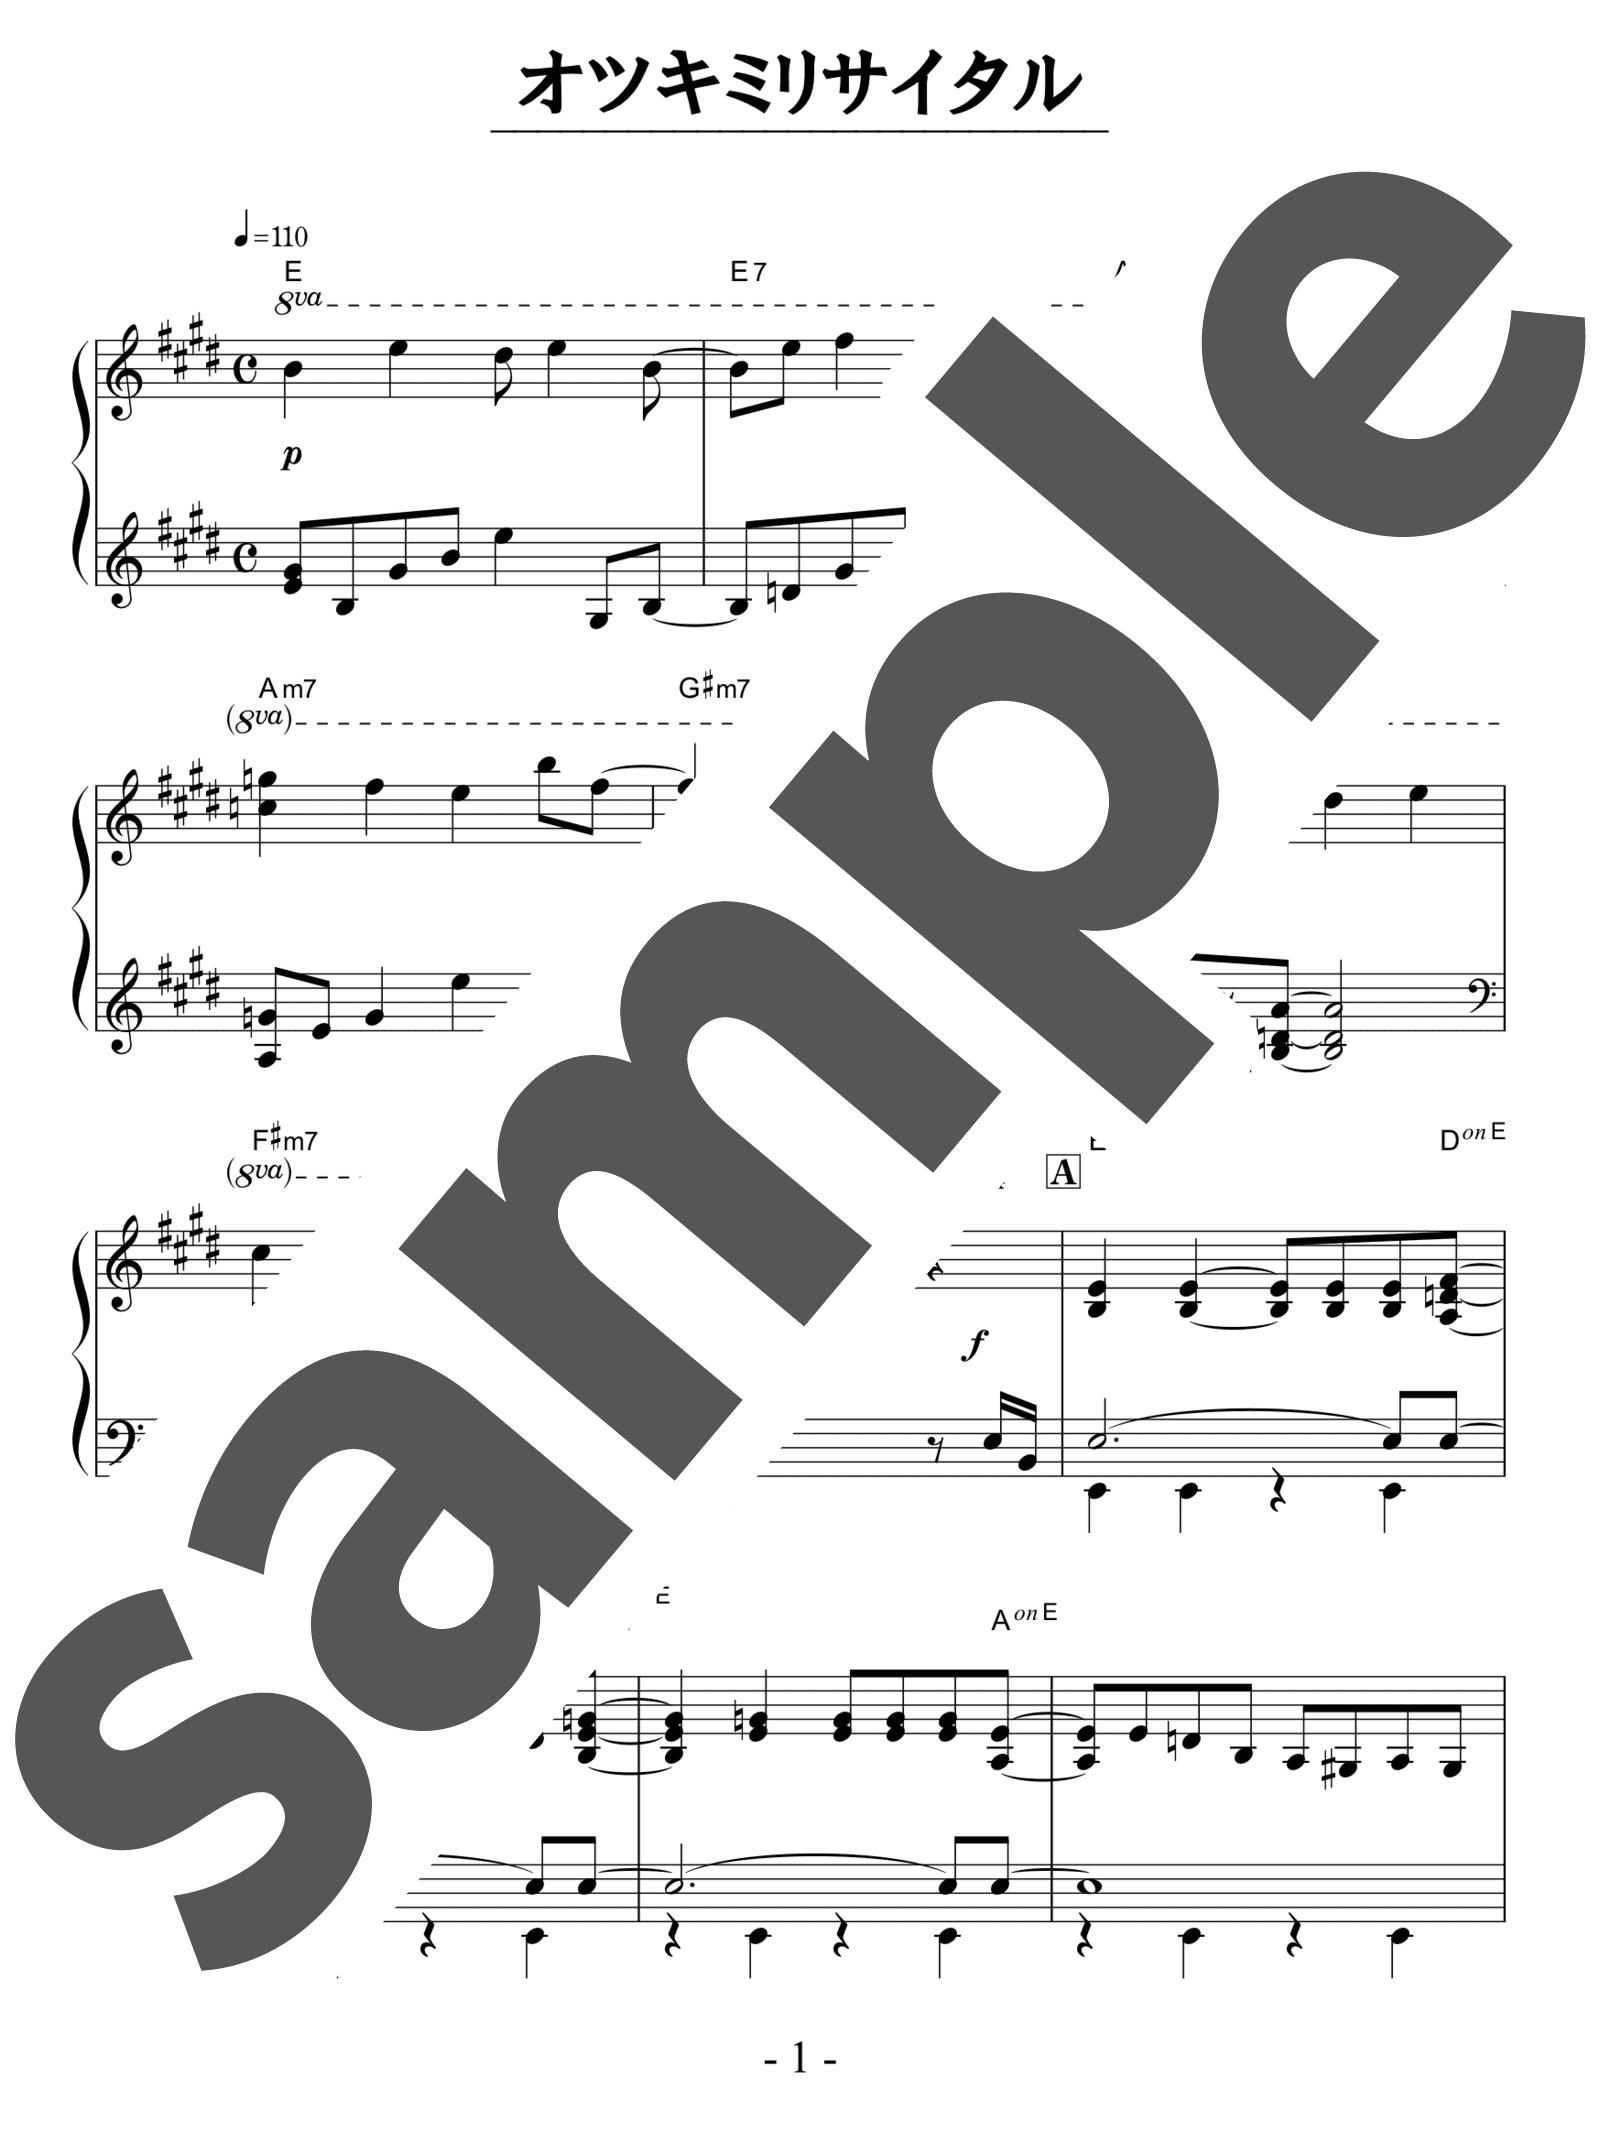 「オツキミリサイタル」のサンプル楽譜